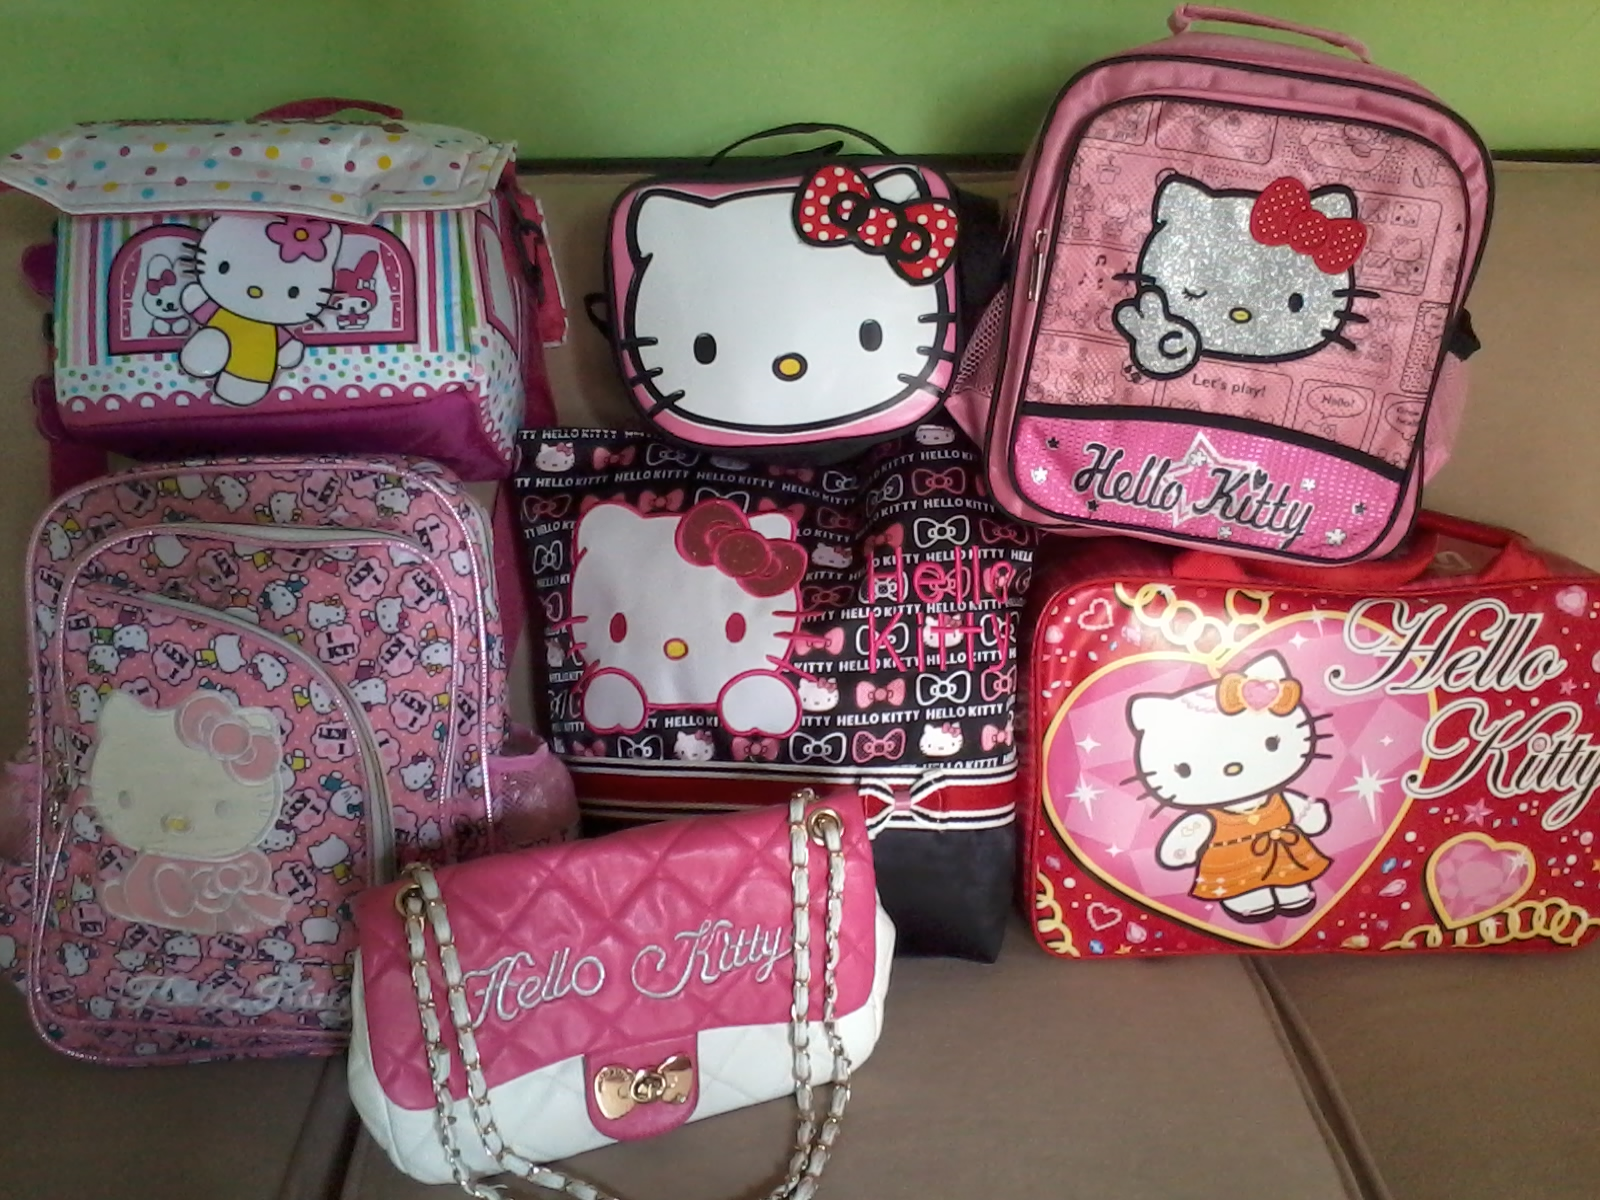 Tas Hello Kitty Ransel Rp 135 000 belum ongkir